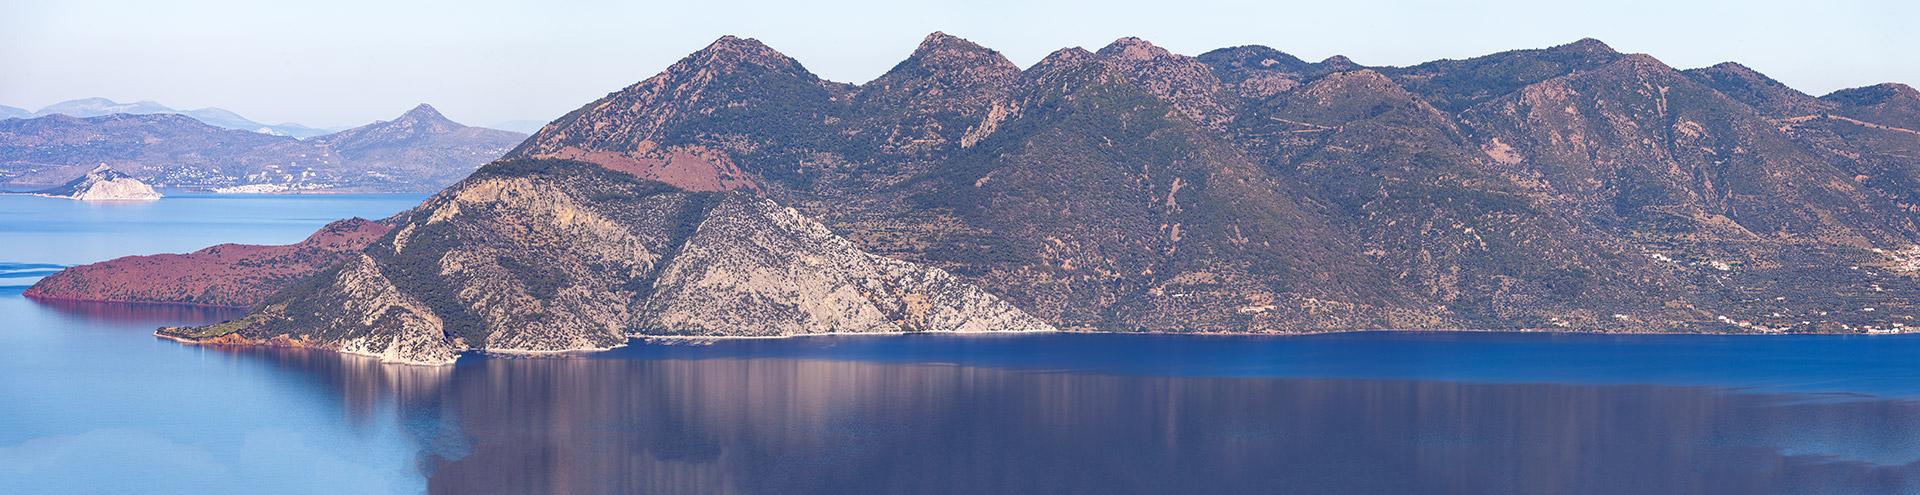 Methana volcanic peninsula